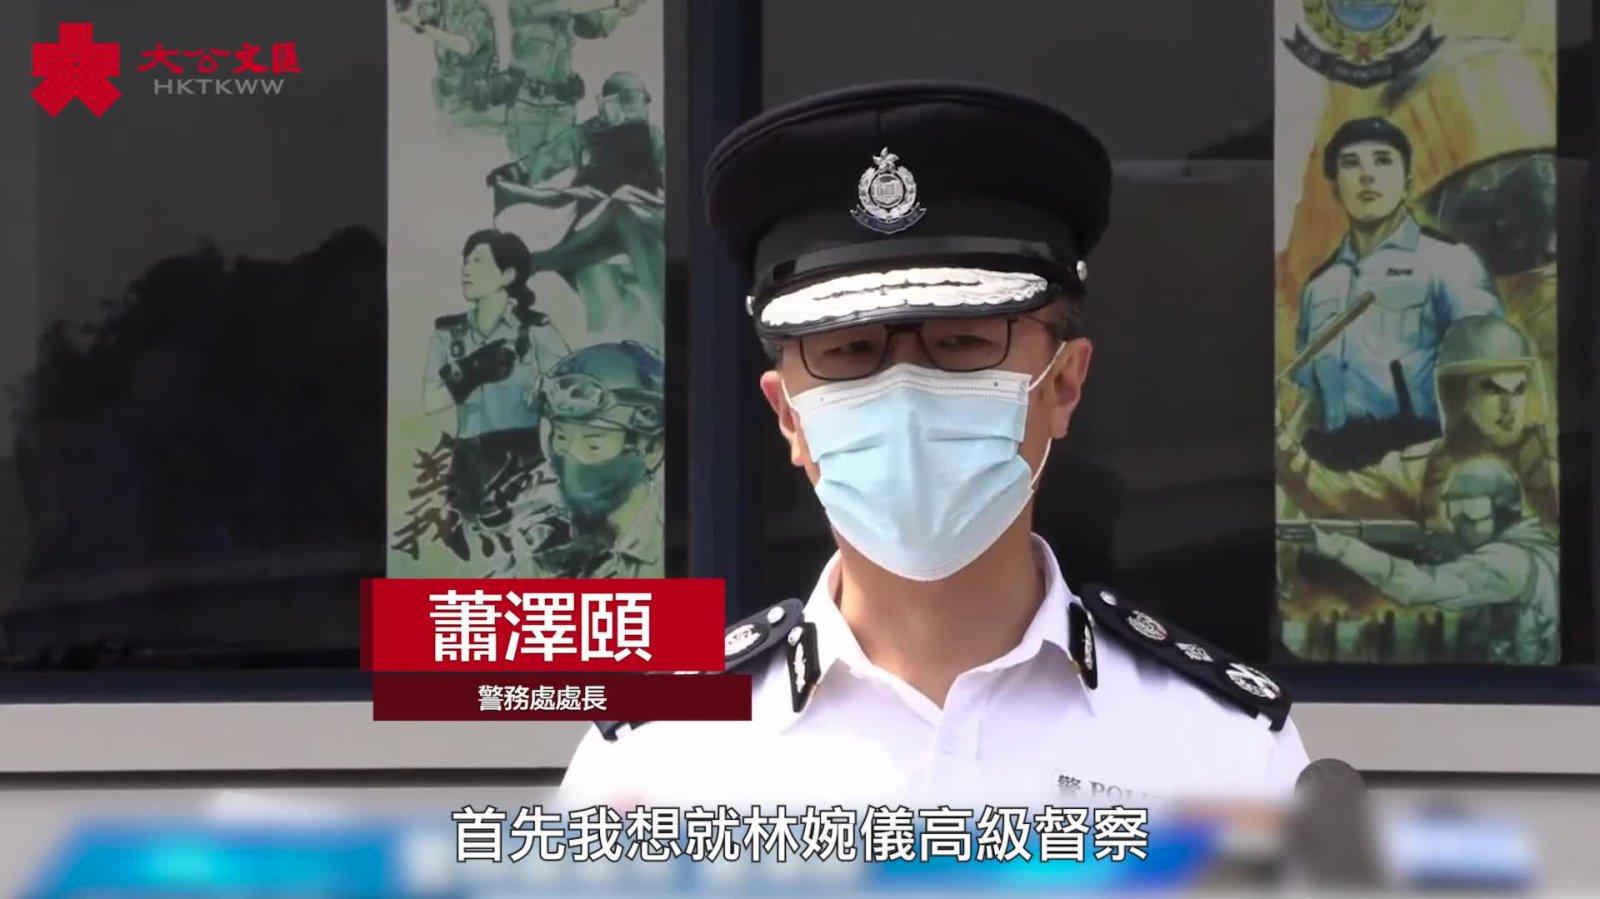 蕭澤頤:強烈譴責冷血罪犯 加強反走私行動